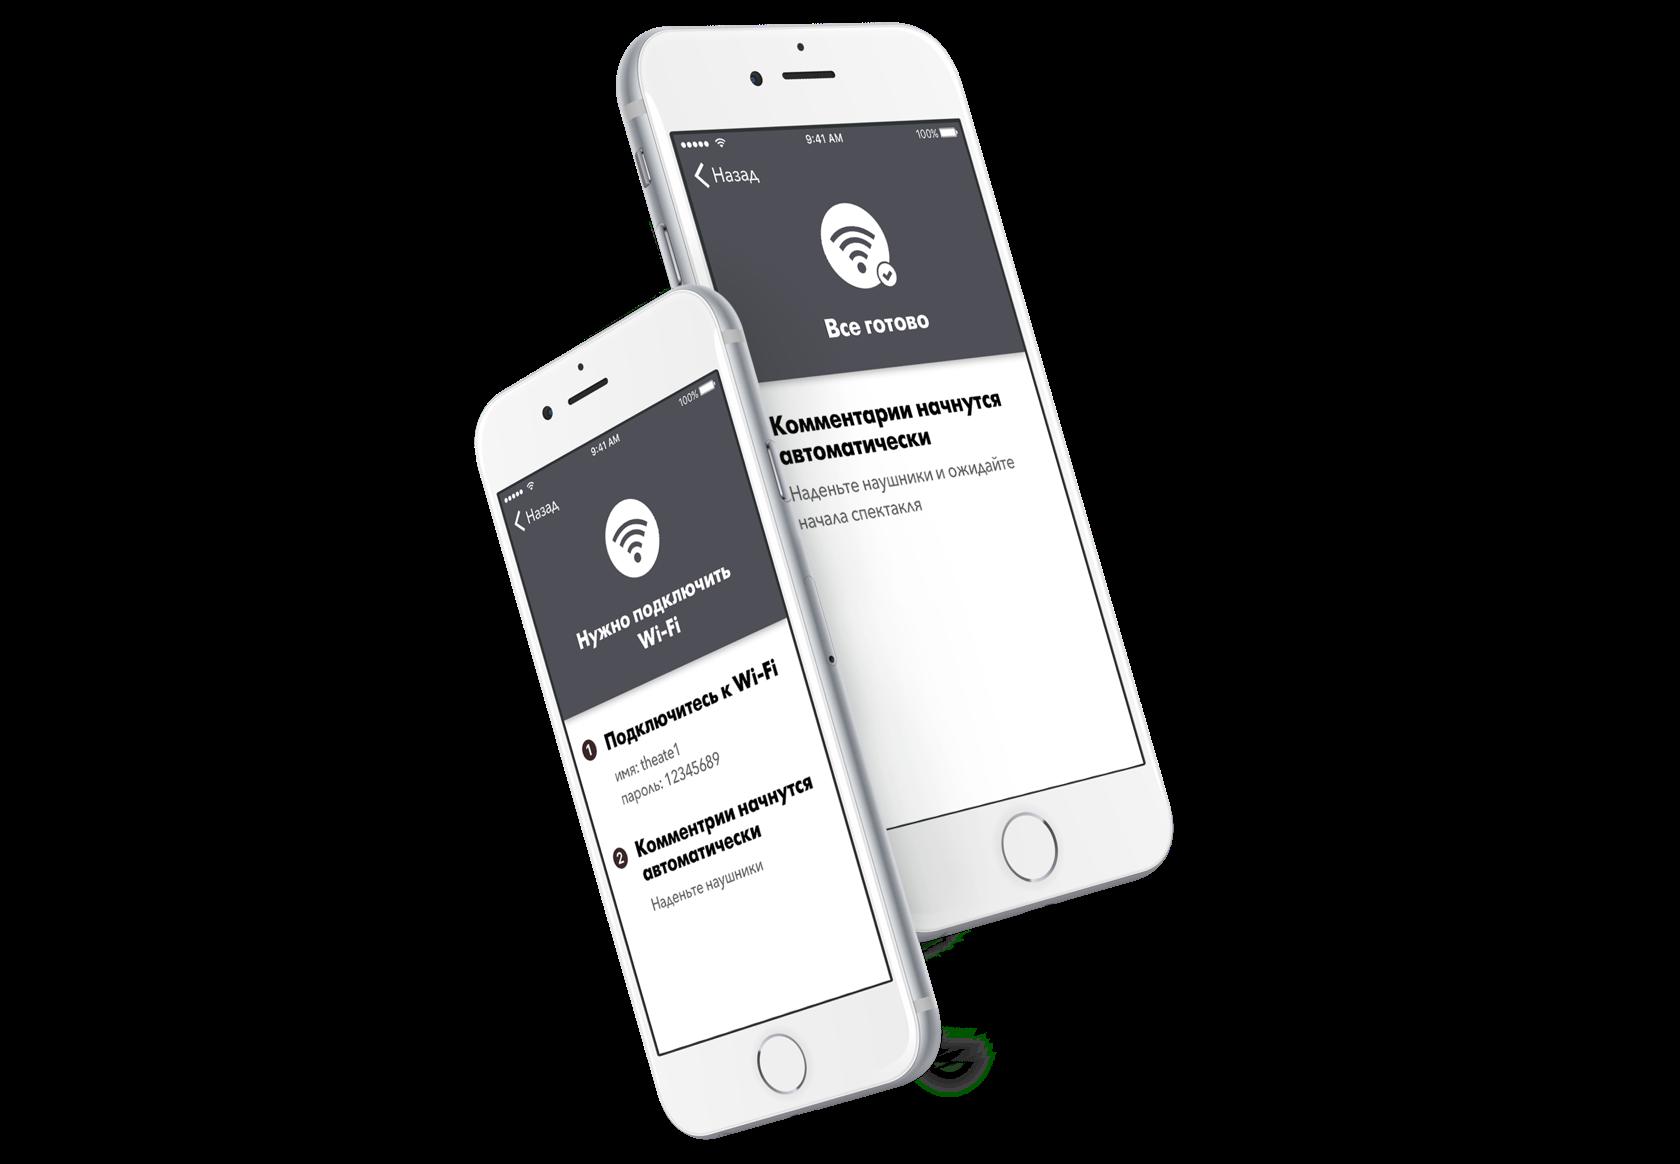 Дизайн приложения tutu.ru